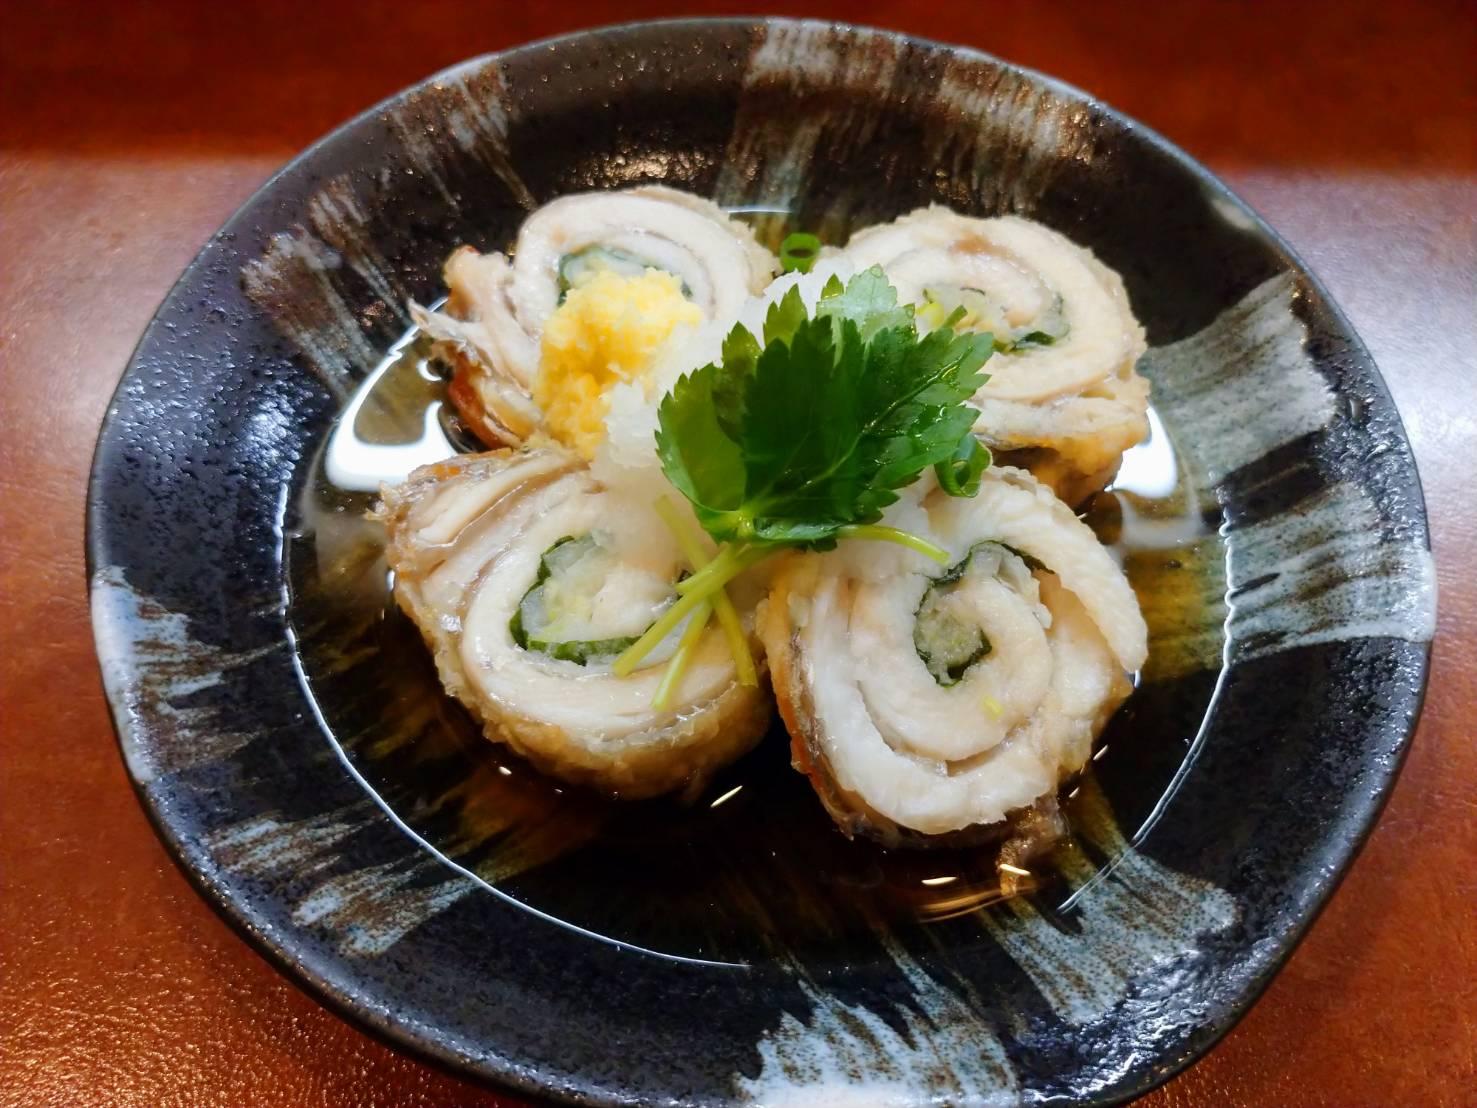 飲み食い処 ぽんきち|太刀魚のネギ巻き揚